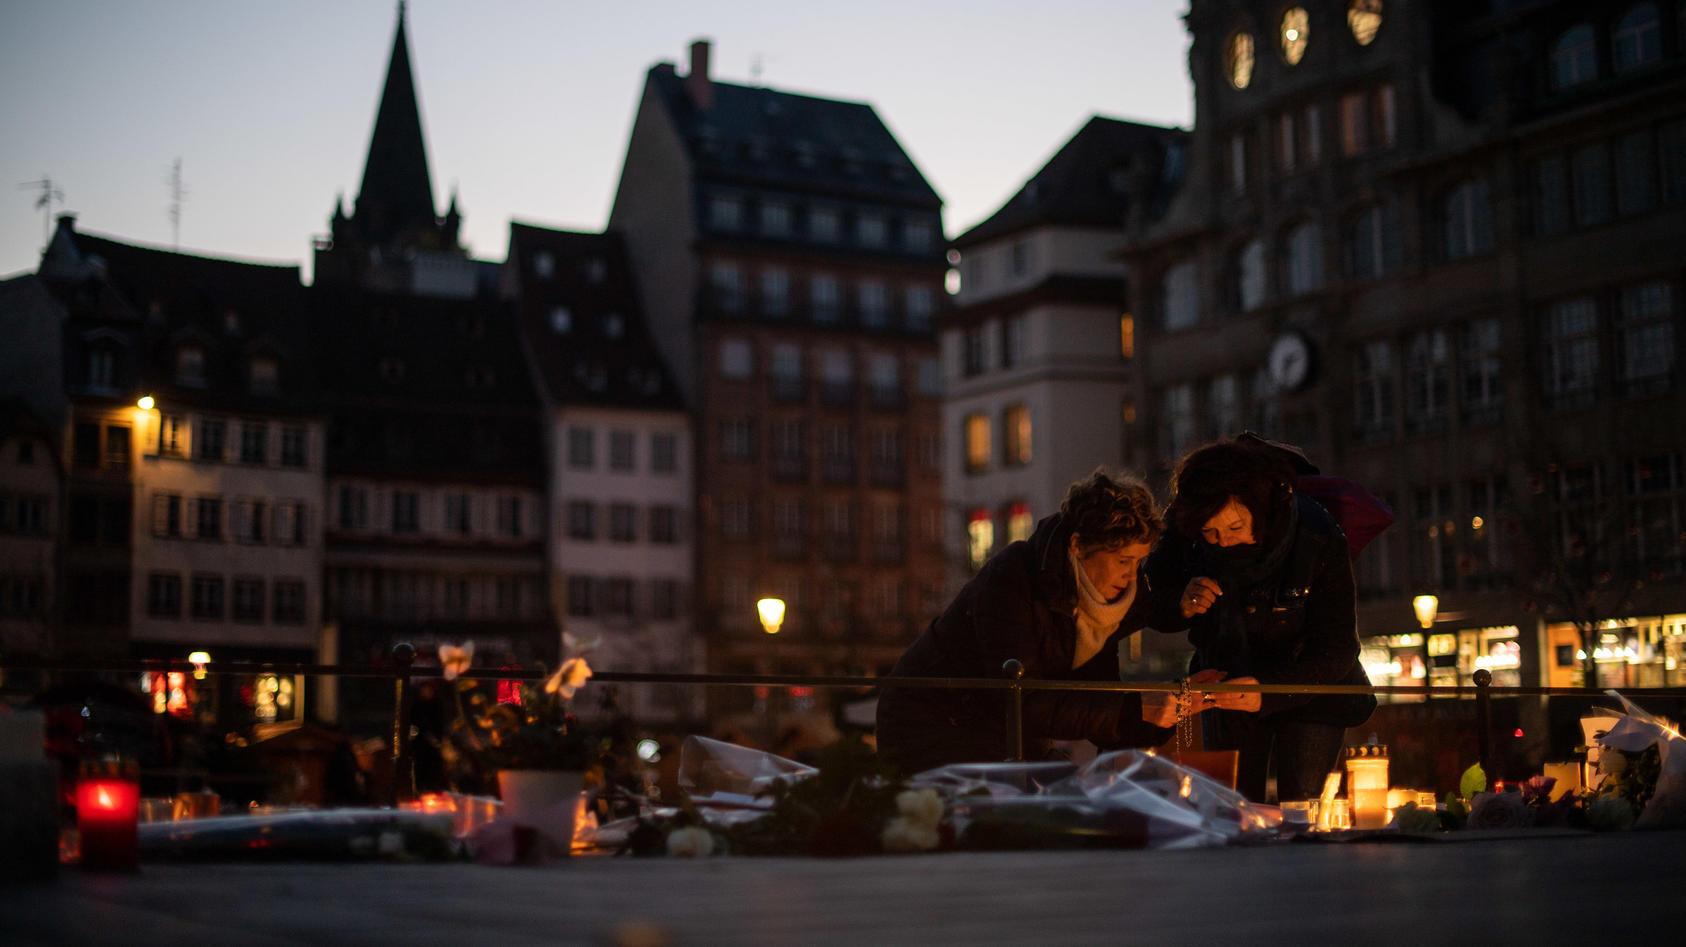 Straßburg: Fünf Tage nach dem Attentat nahe des Weihnachtsmarktes gibt es ein fünftes Todesopfer.